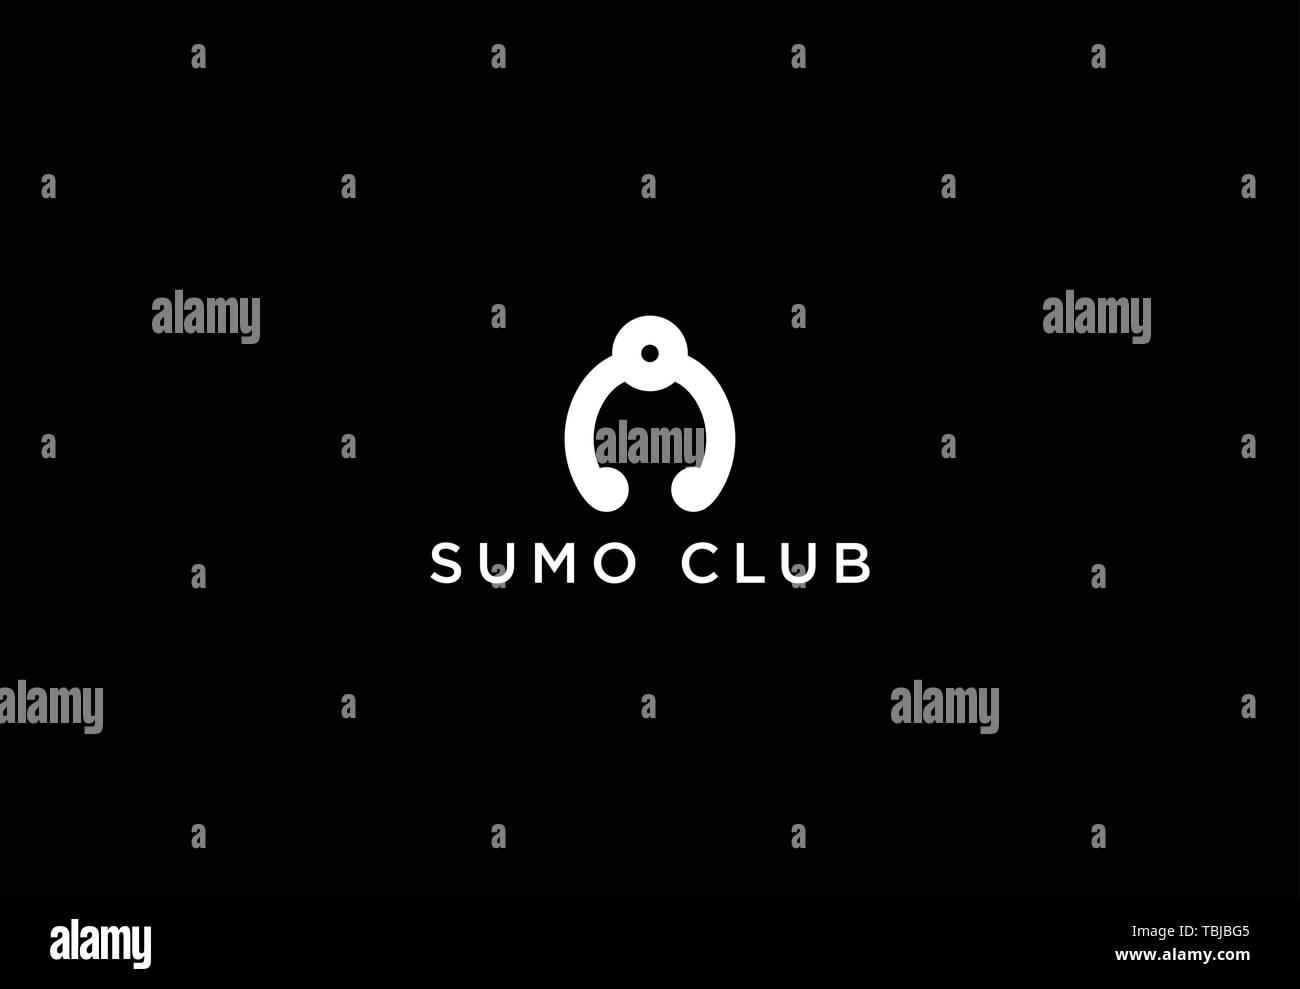 Sumo logo vector - Sumo wrestler logo template - Stock Image